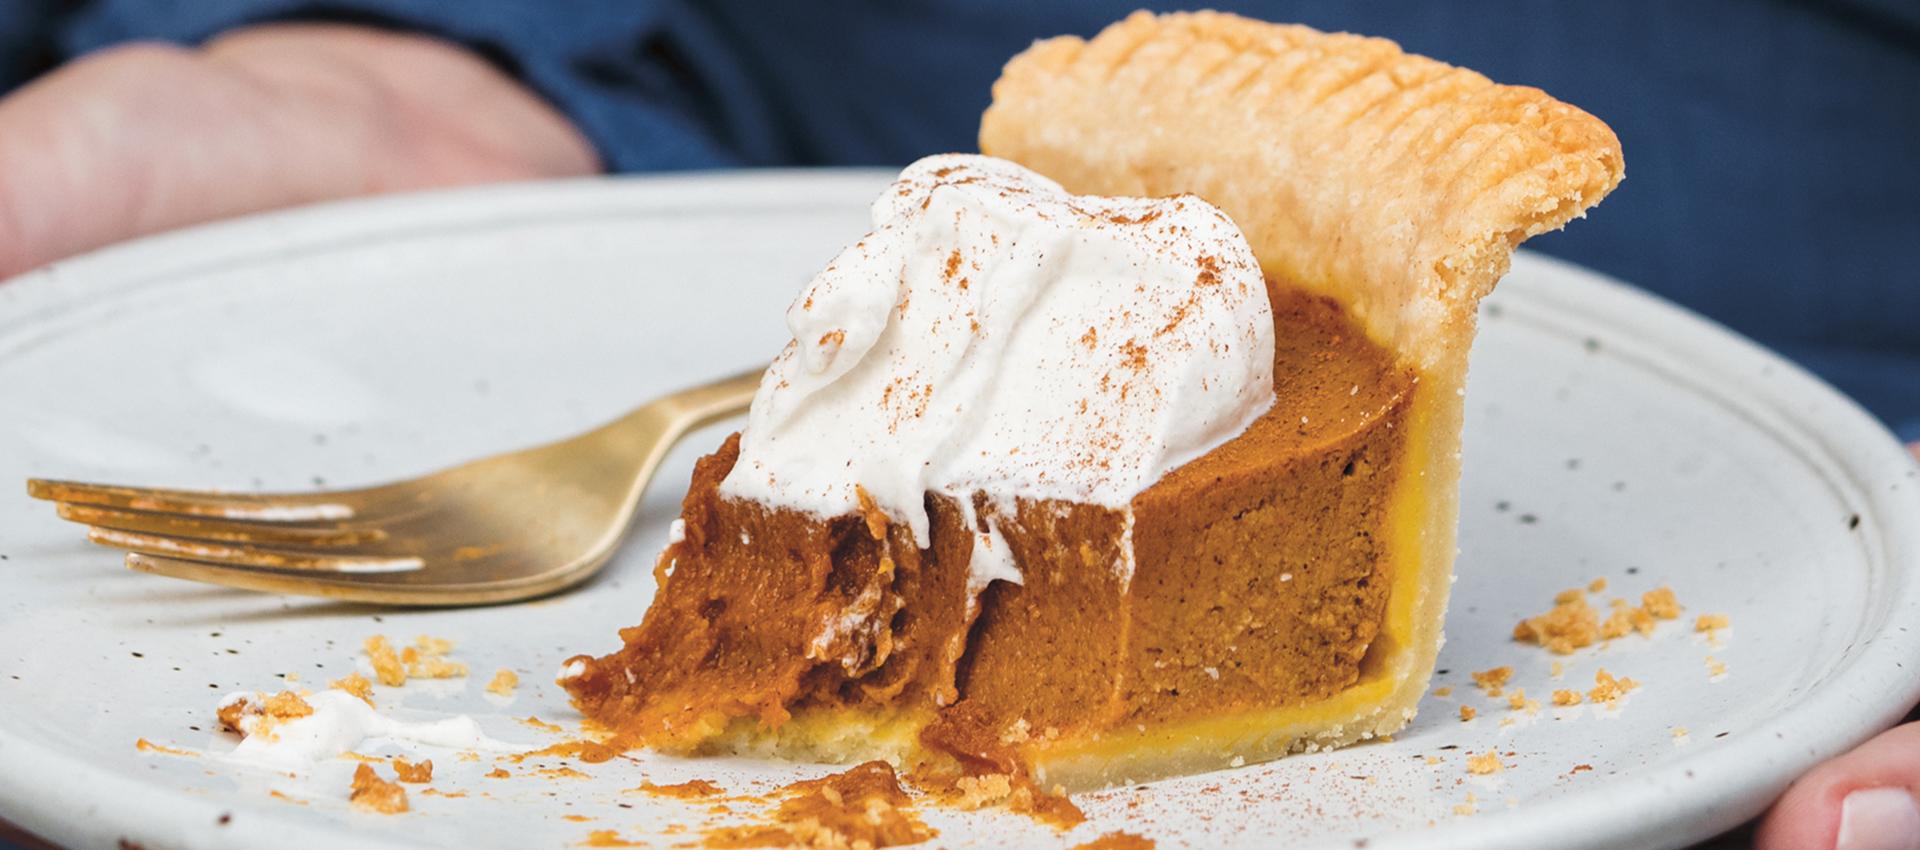 closeup of slice of half-eaten pumpkin pie